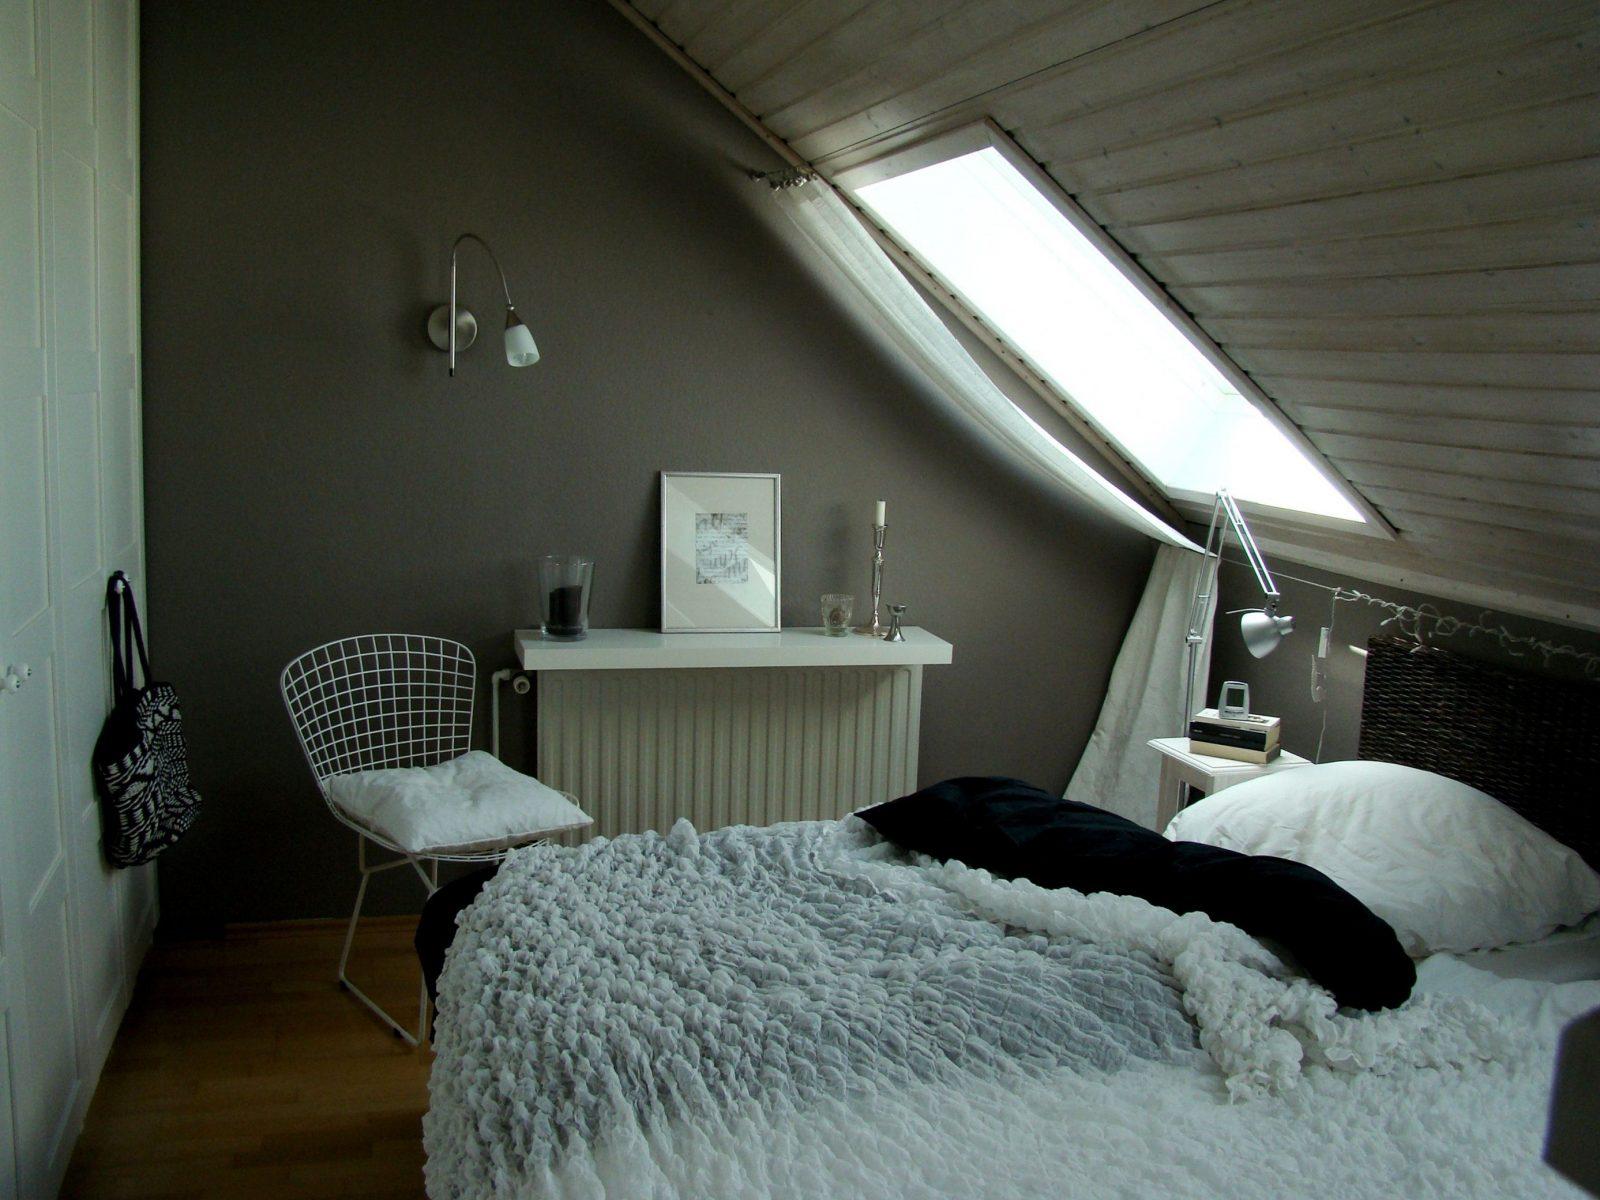 Mein Schlafzimmer  Schlafzimmer Mit Dachschräge Dachschräge Und von Schlafzimmer Ideen Wandgestaltung Dachschräge Photo